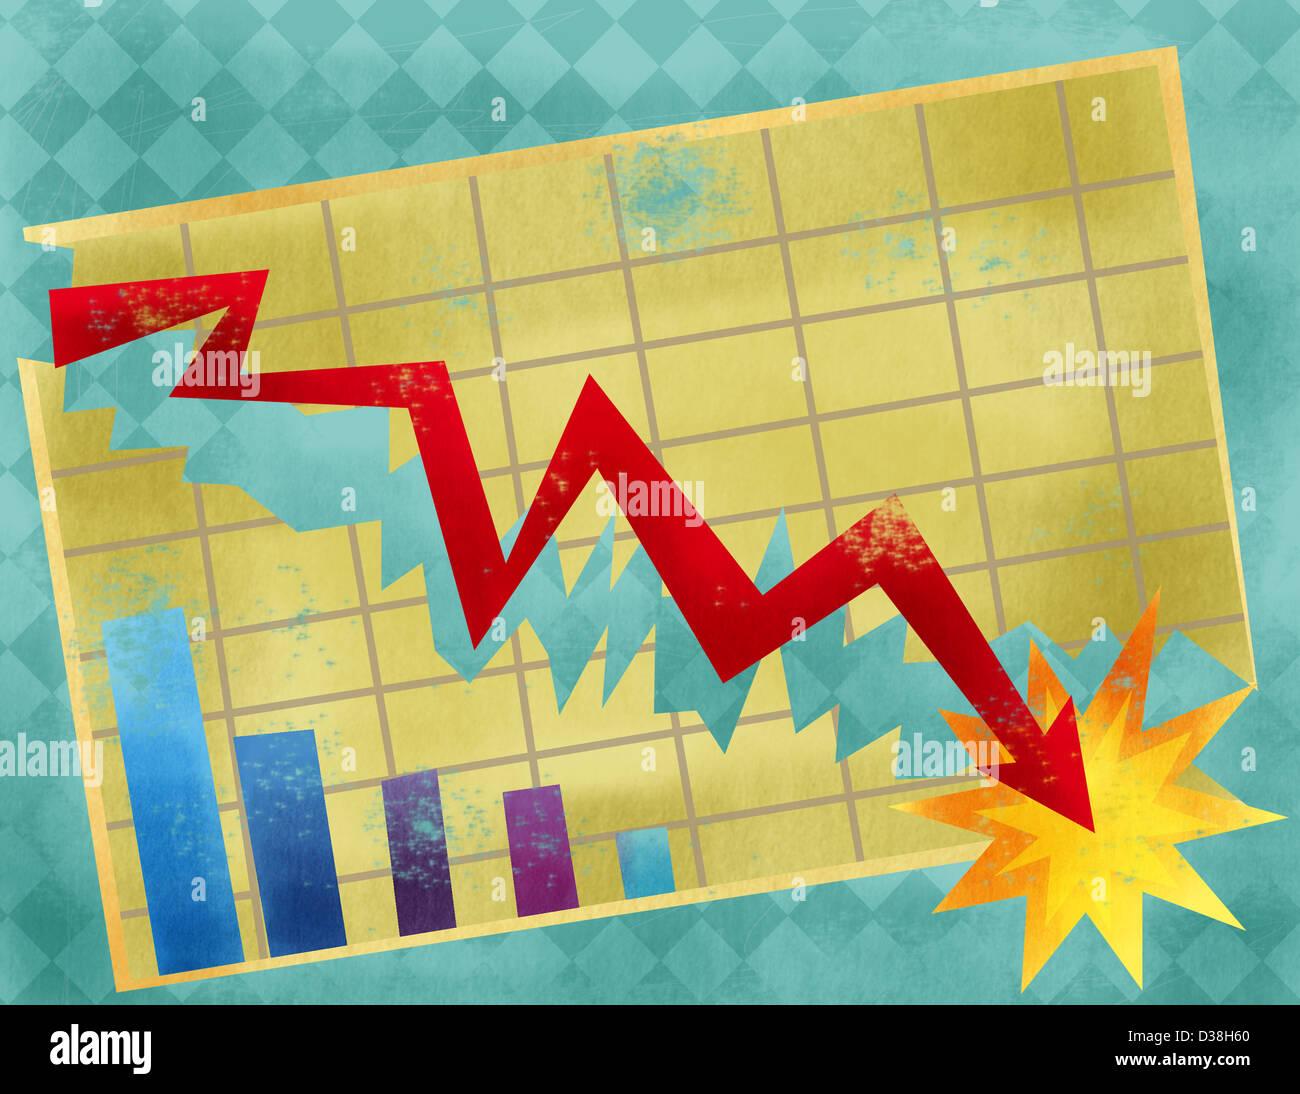 Liniendiagramm zeigt Wirtschaft Absturz Stockbild